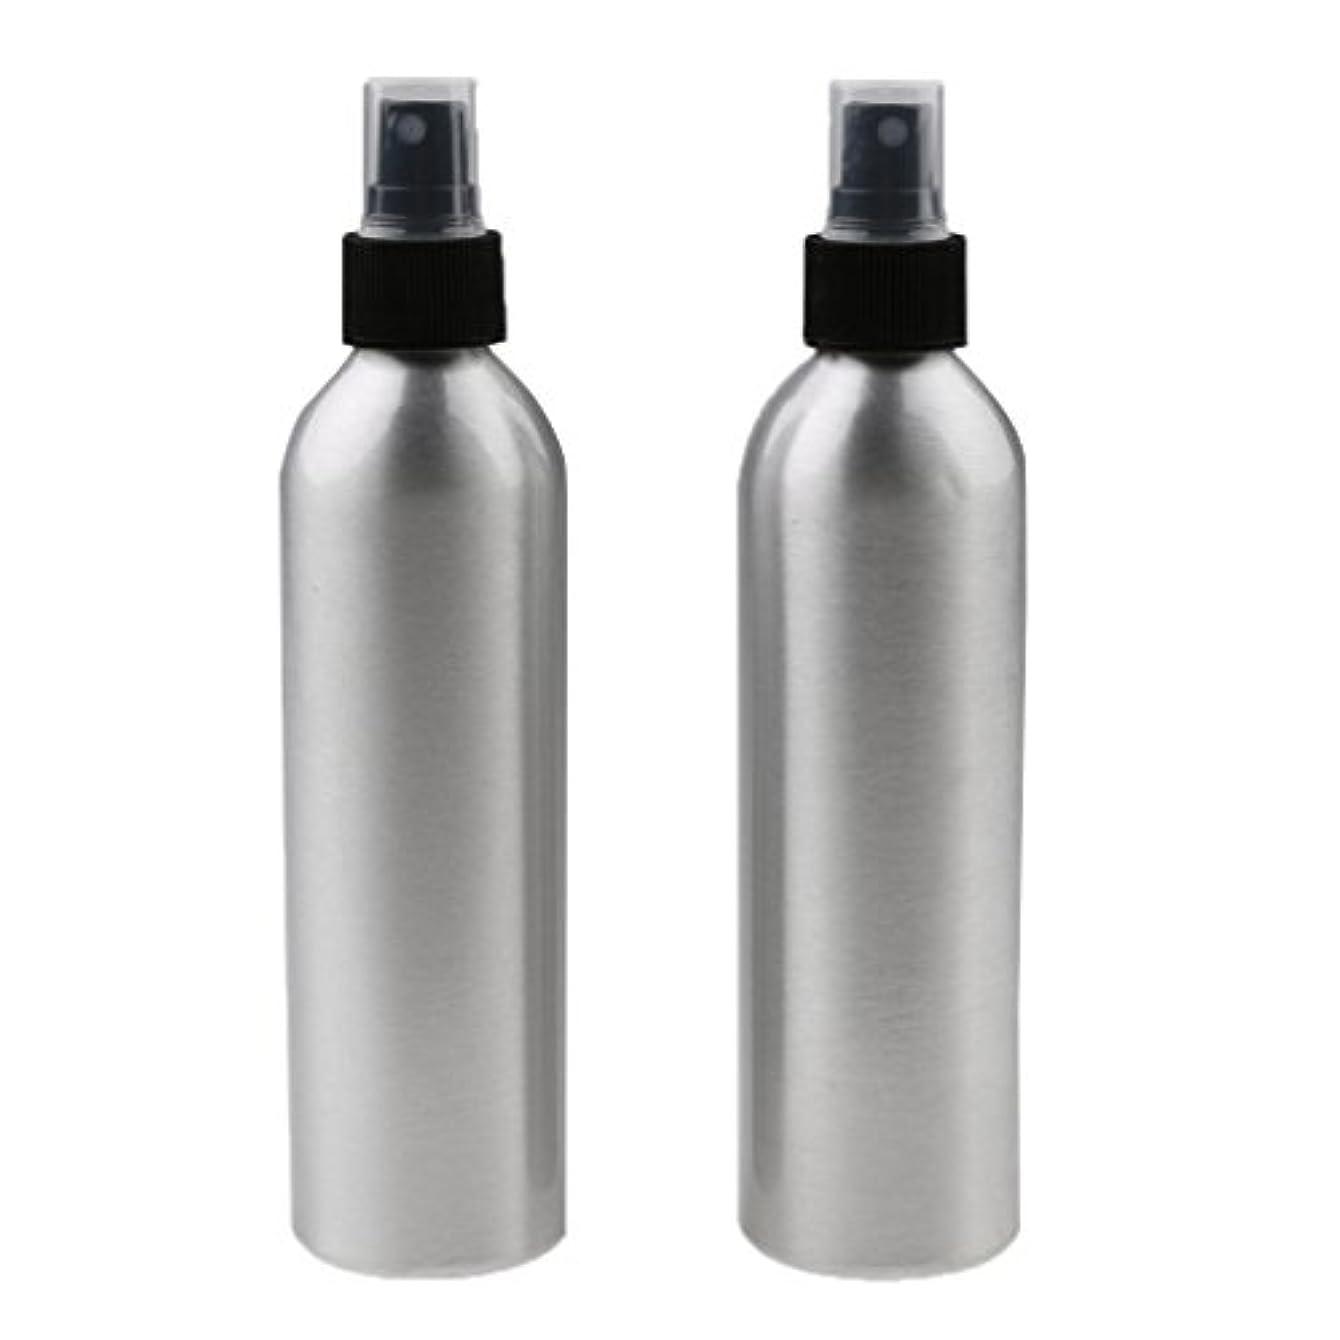 マルコポーロスチールプロテスタントSONONIA 2個入り 旅行 アルミ ミスト スプレー 香水ボトル メイクアップ スプレー アトマイザー 小分けボトル  漏れ防止 出張 海外旅行用 全4サイズ - 250ml